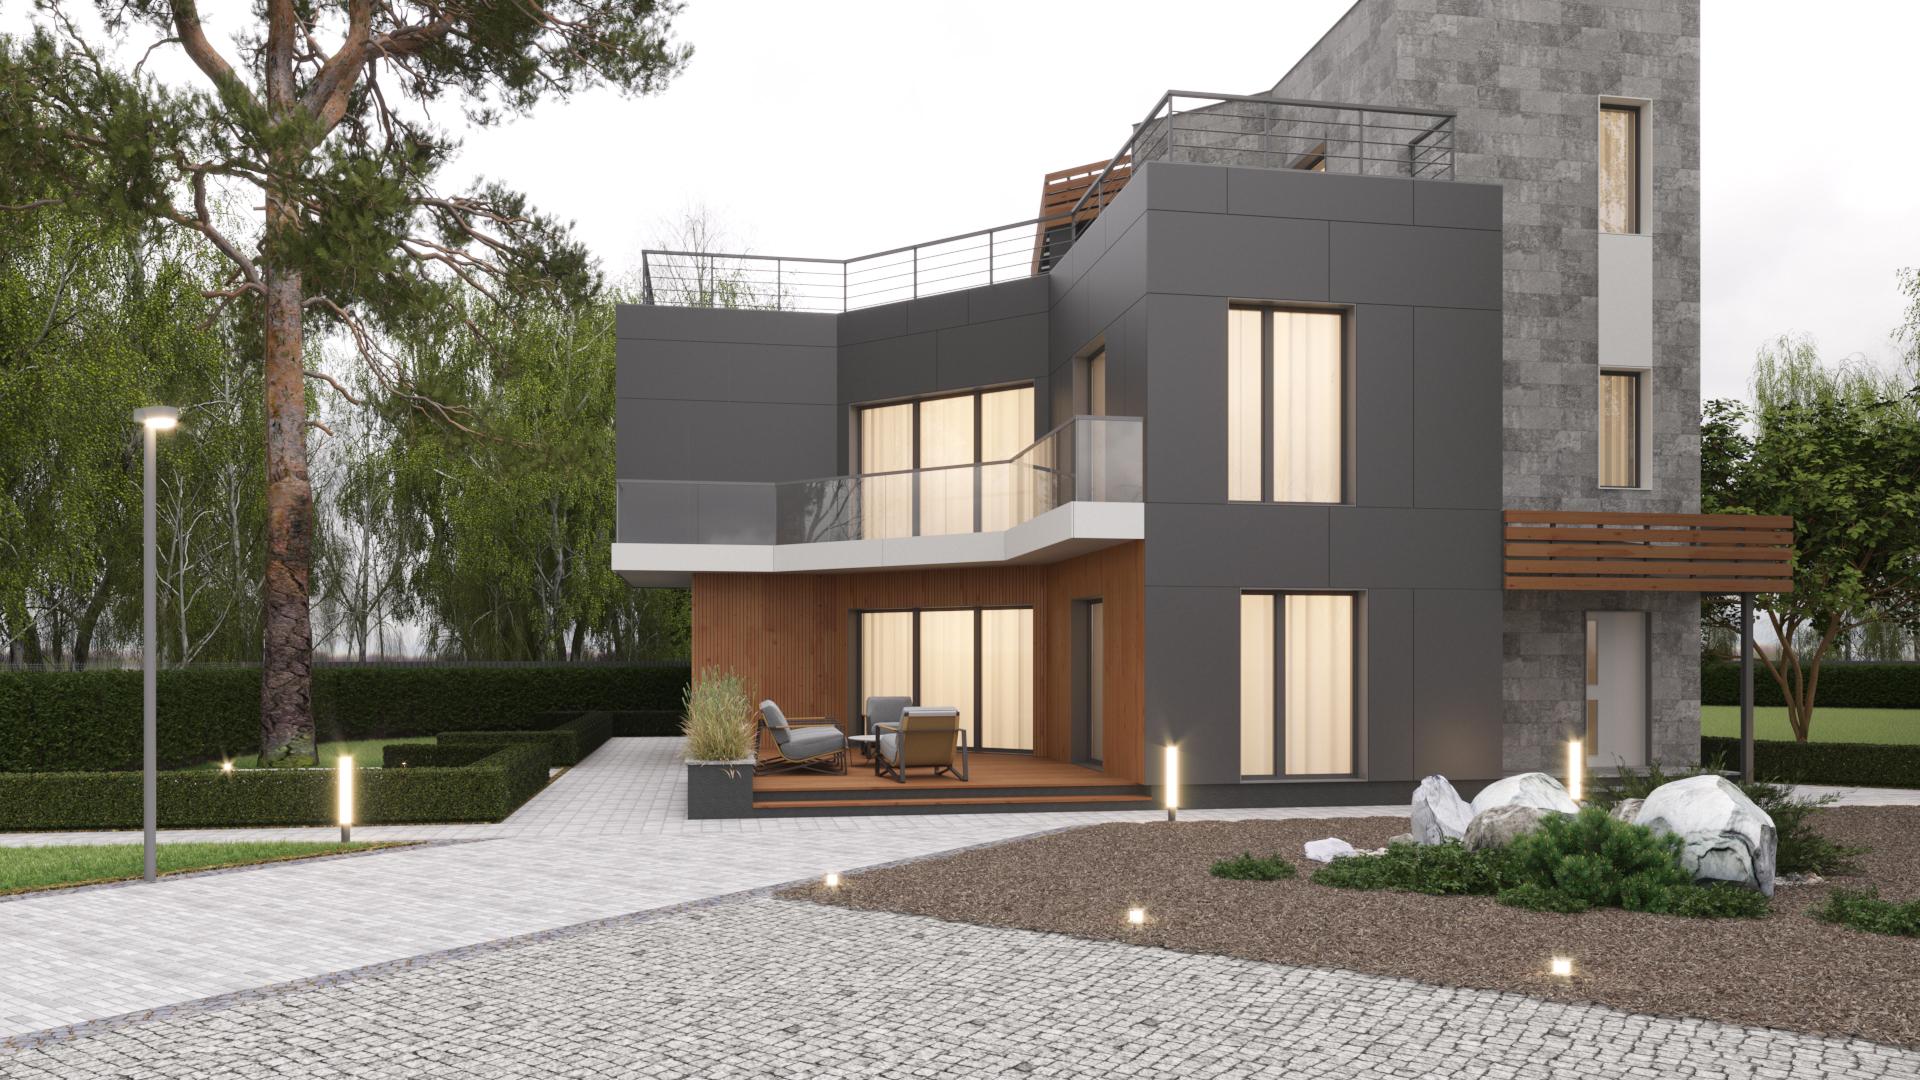 Натуральный камень в отделке фасадов дома